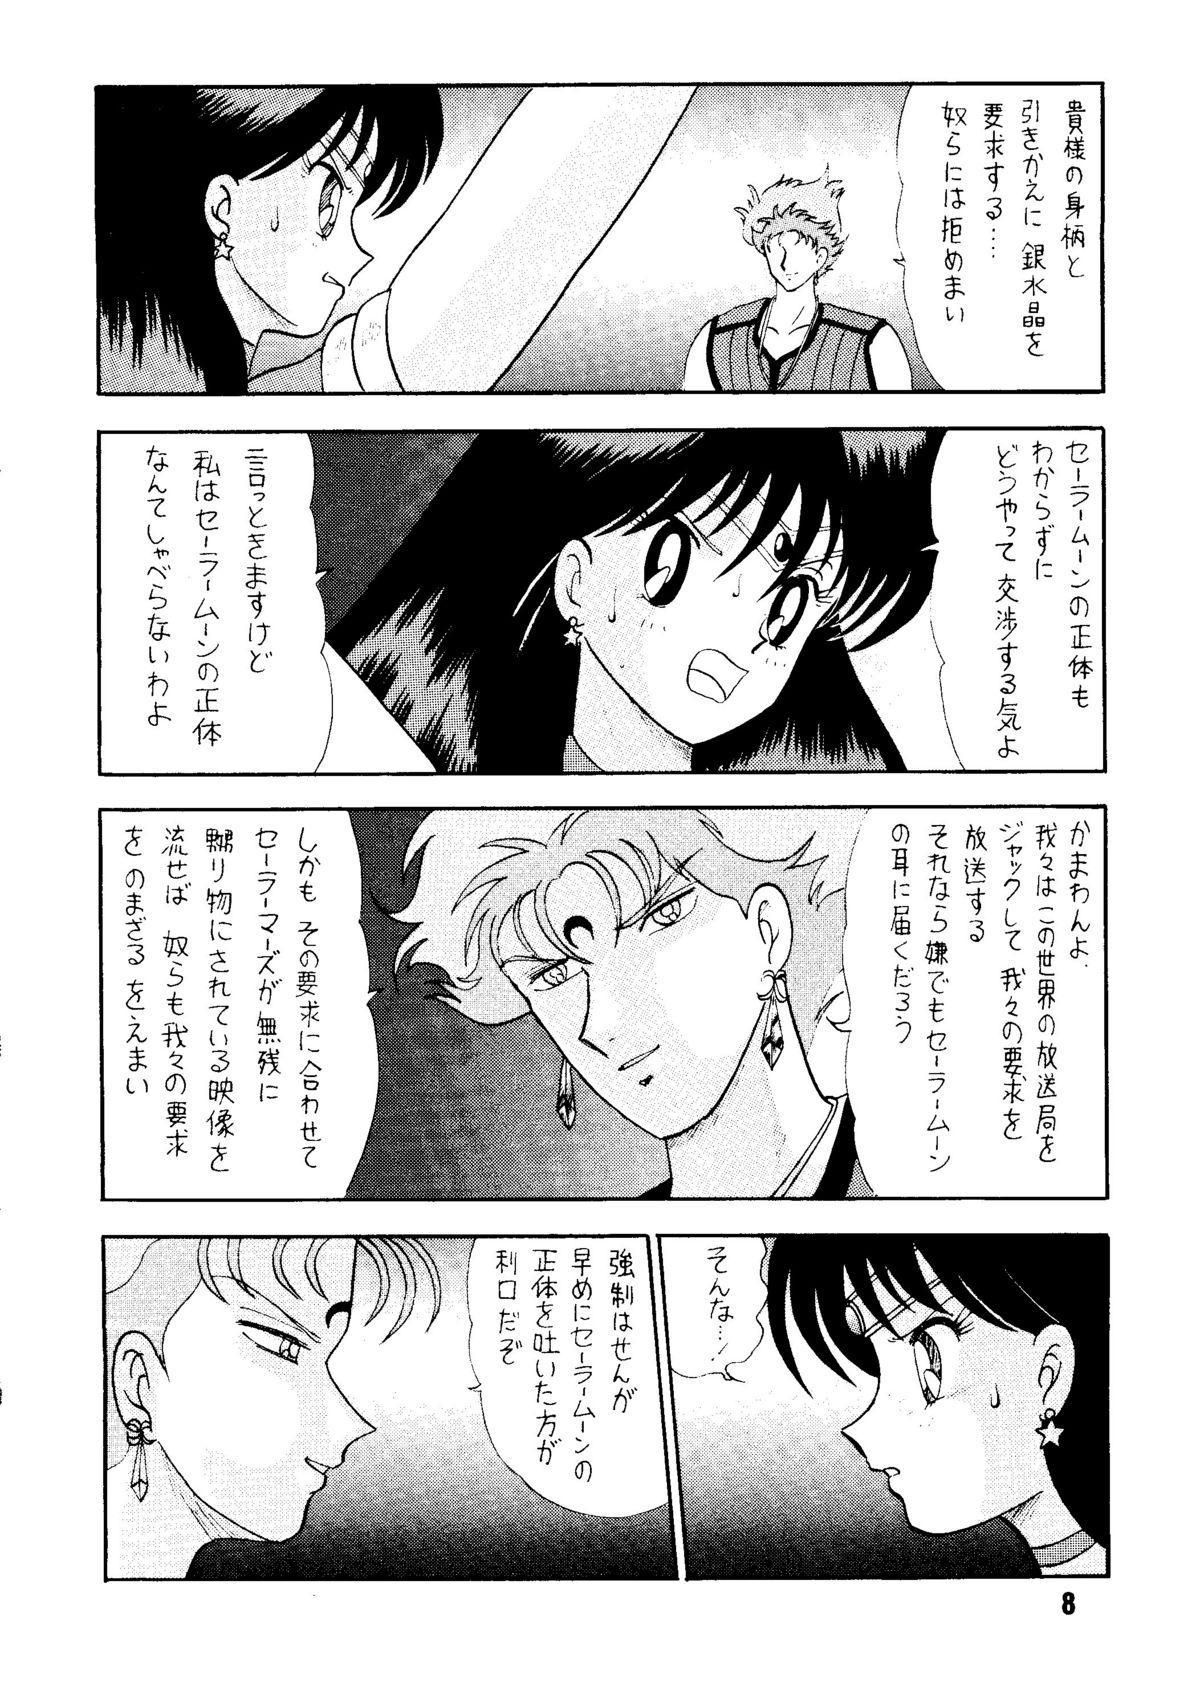 Sairoku hon 6